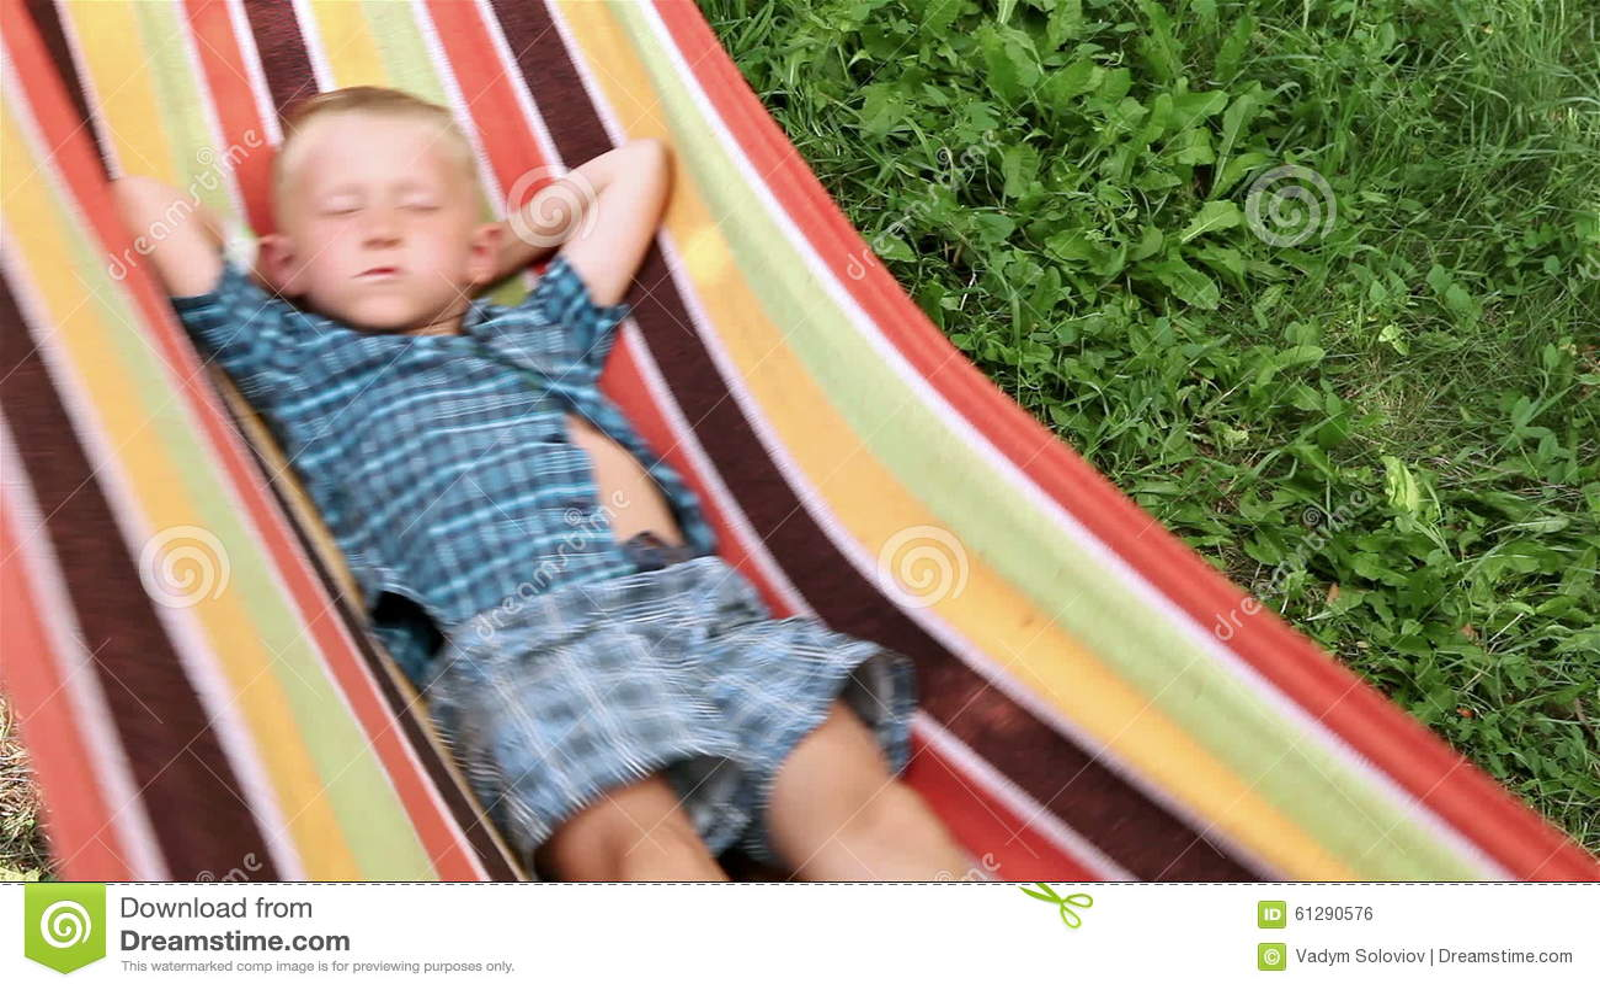 little boy enjoys free time in hammock stock footage   video of hammock blond  61290576 little boy enjoys free time in hammock stock footage   video of      rh   dreamstime